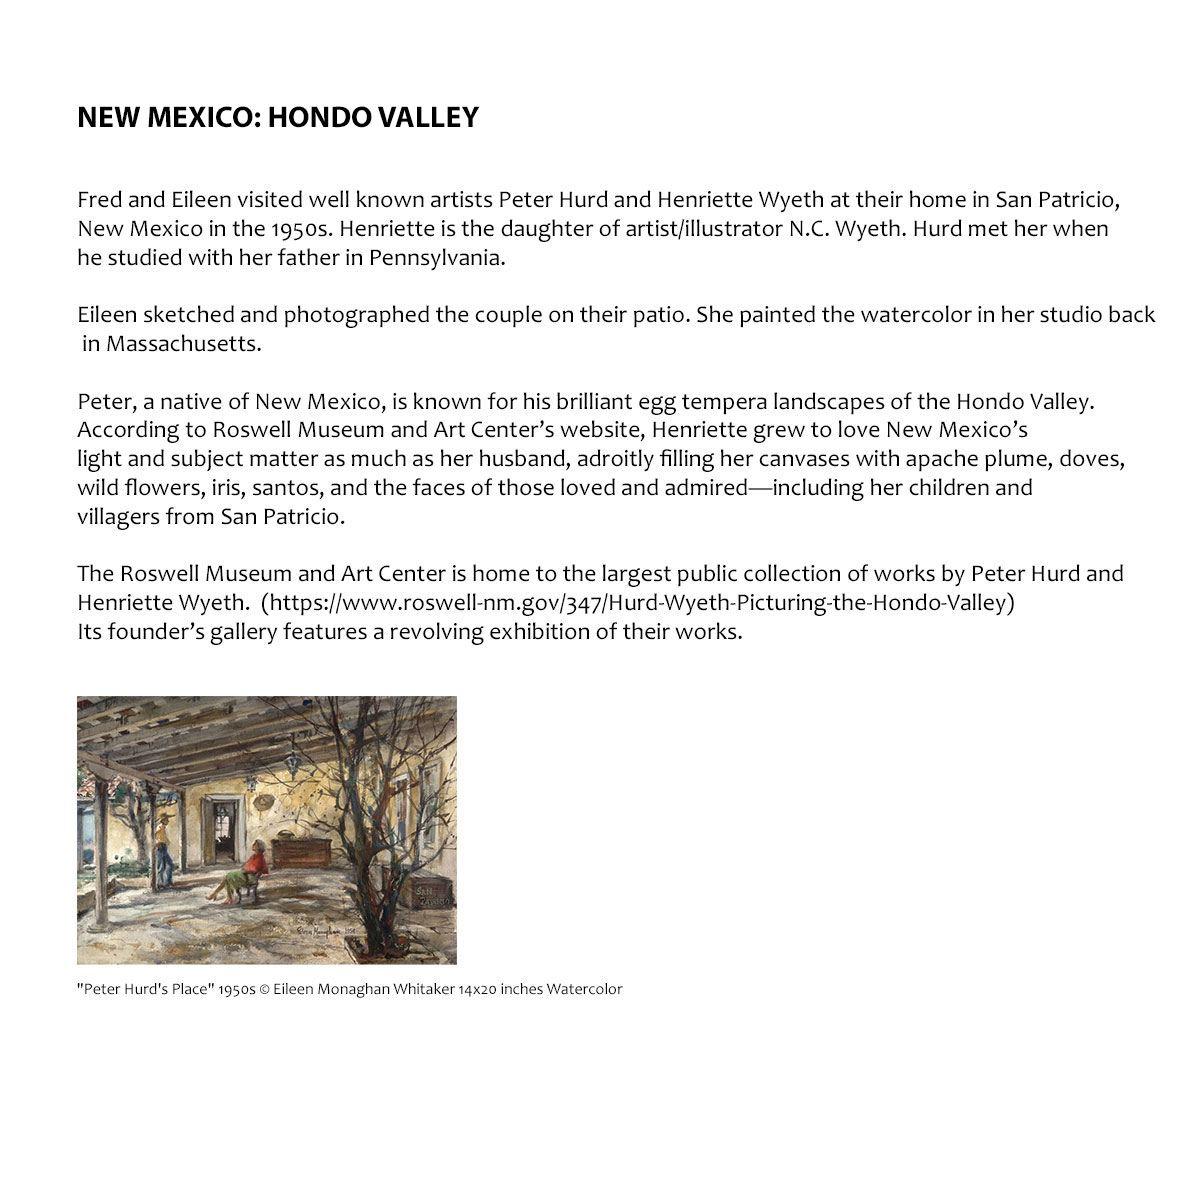 New Mexico: Hondo Valley